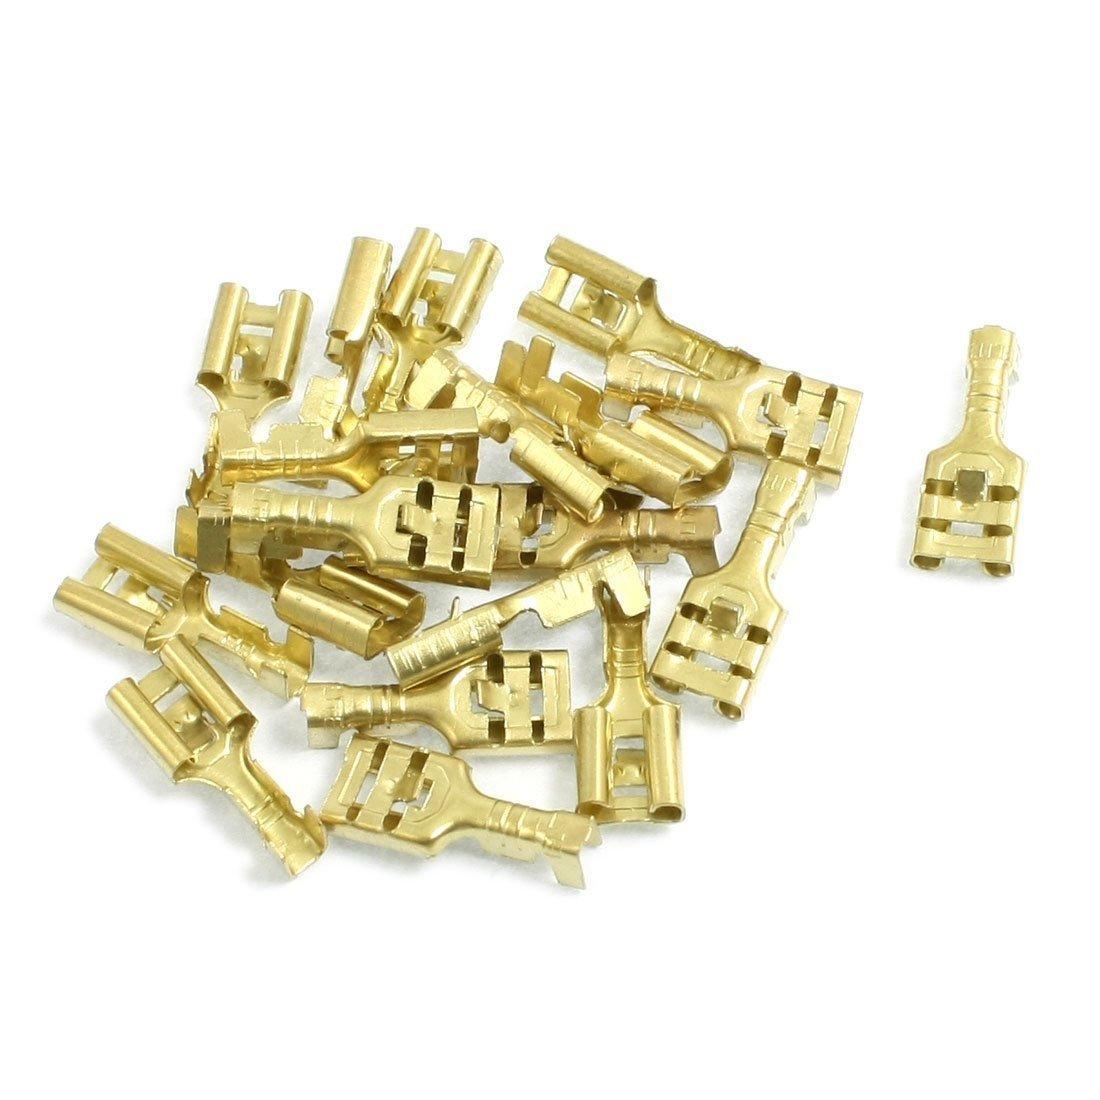 Conector de terminal de pala Terminales de laton de 6,3 mm conectores hembra de cable de pala 20 piezas R TOOGOO